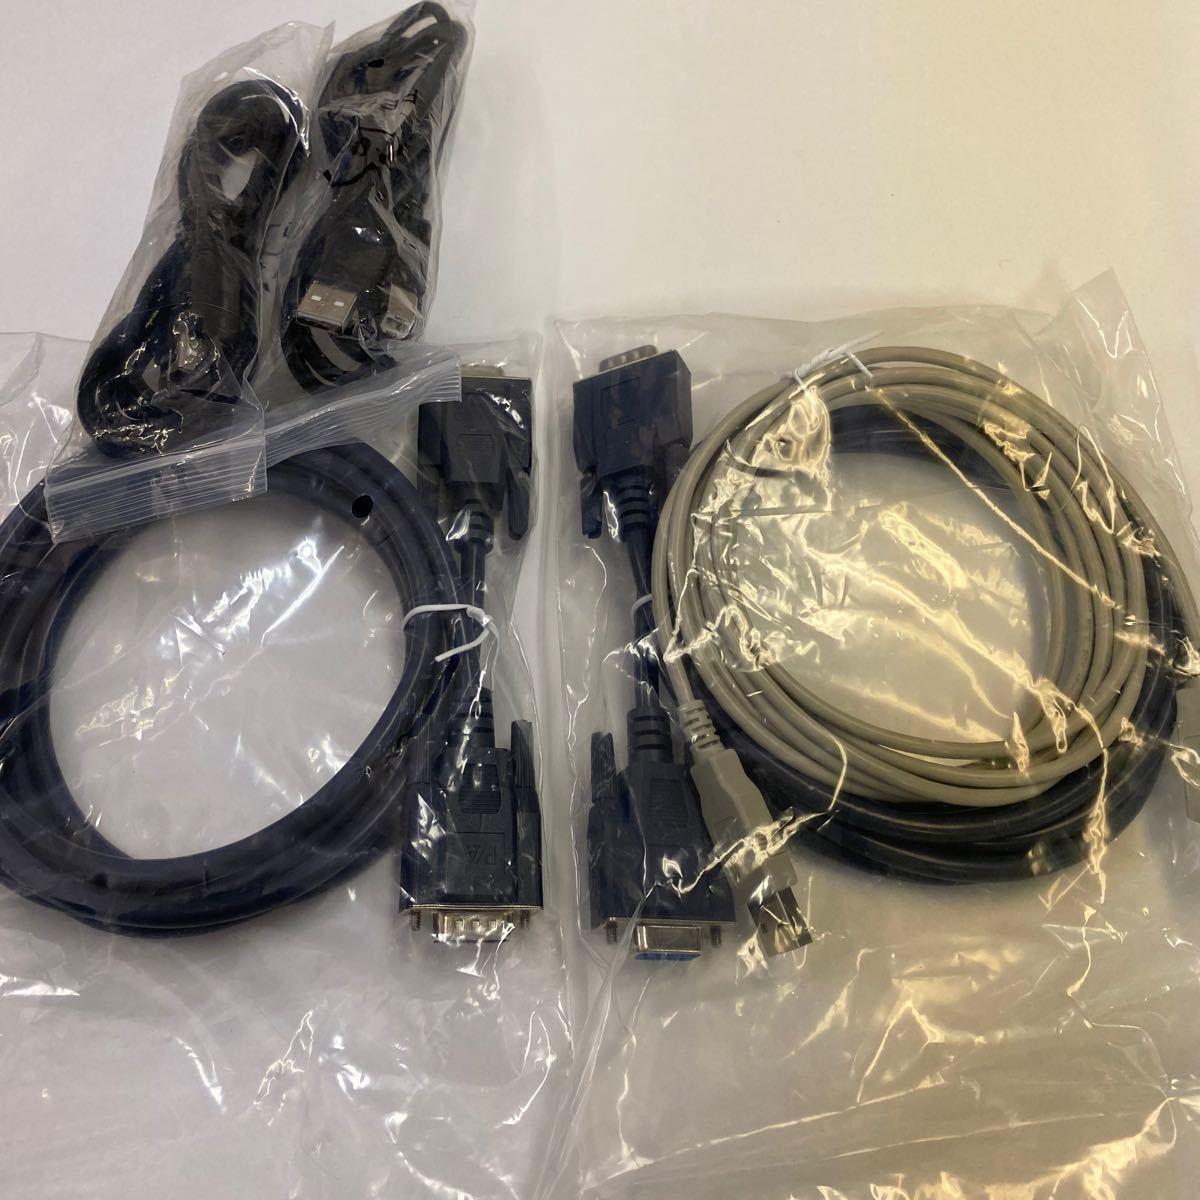 電源ケーブル LANケーブル ネットワークケーブル30点セット売り